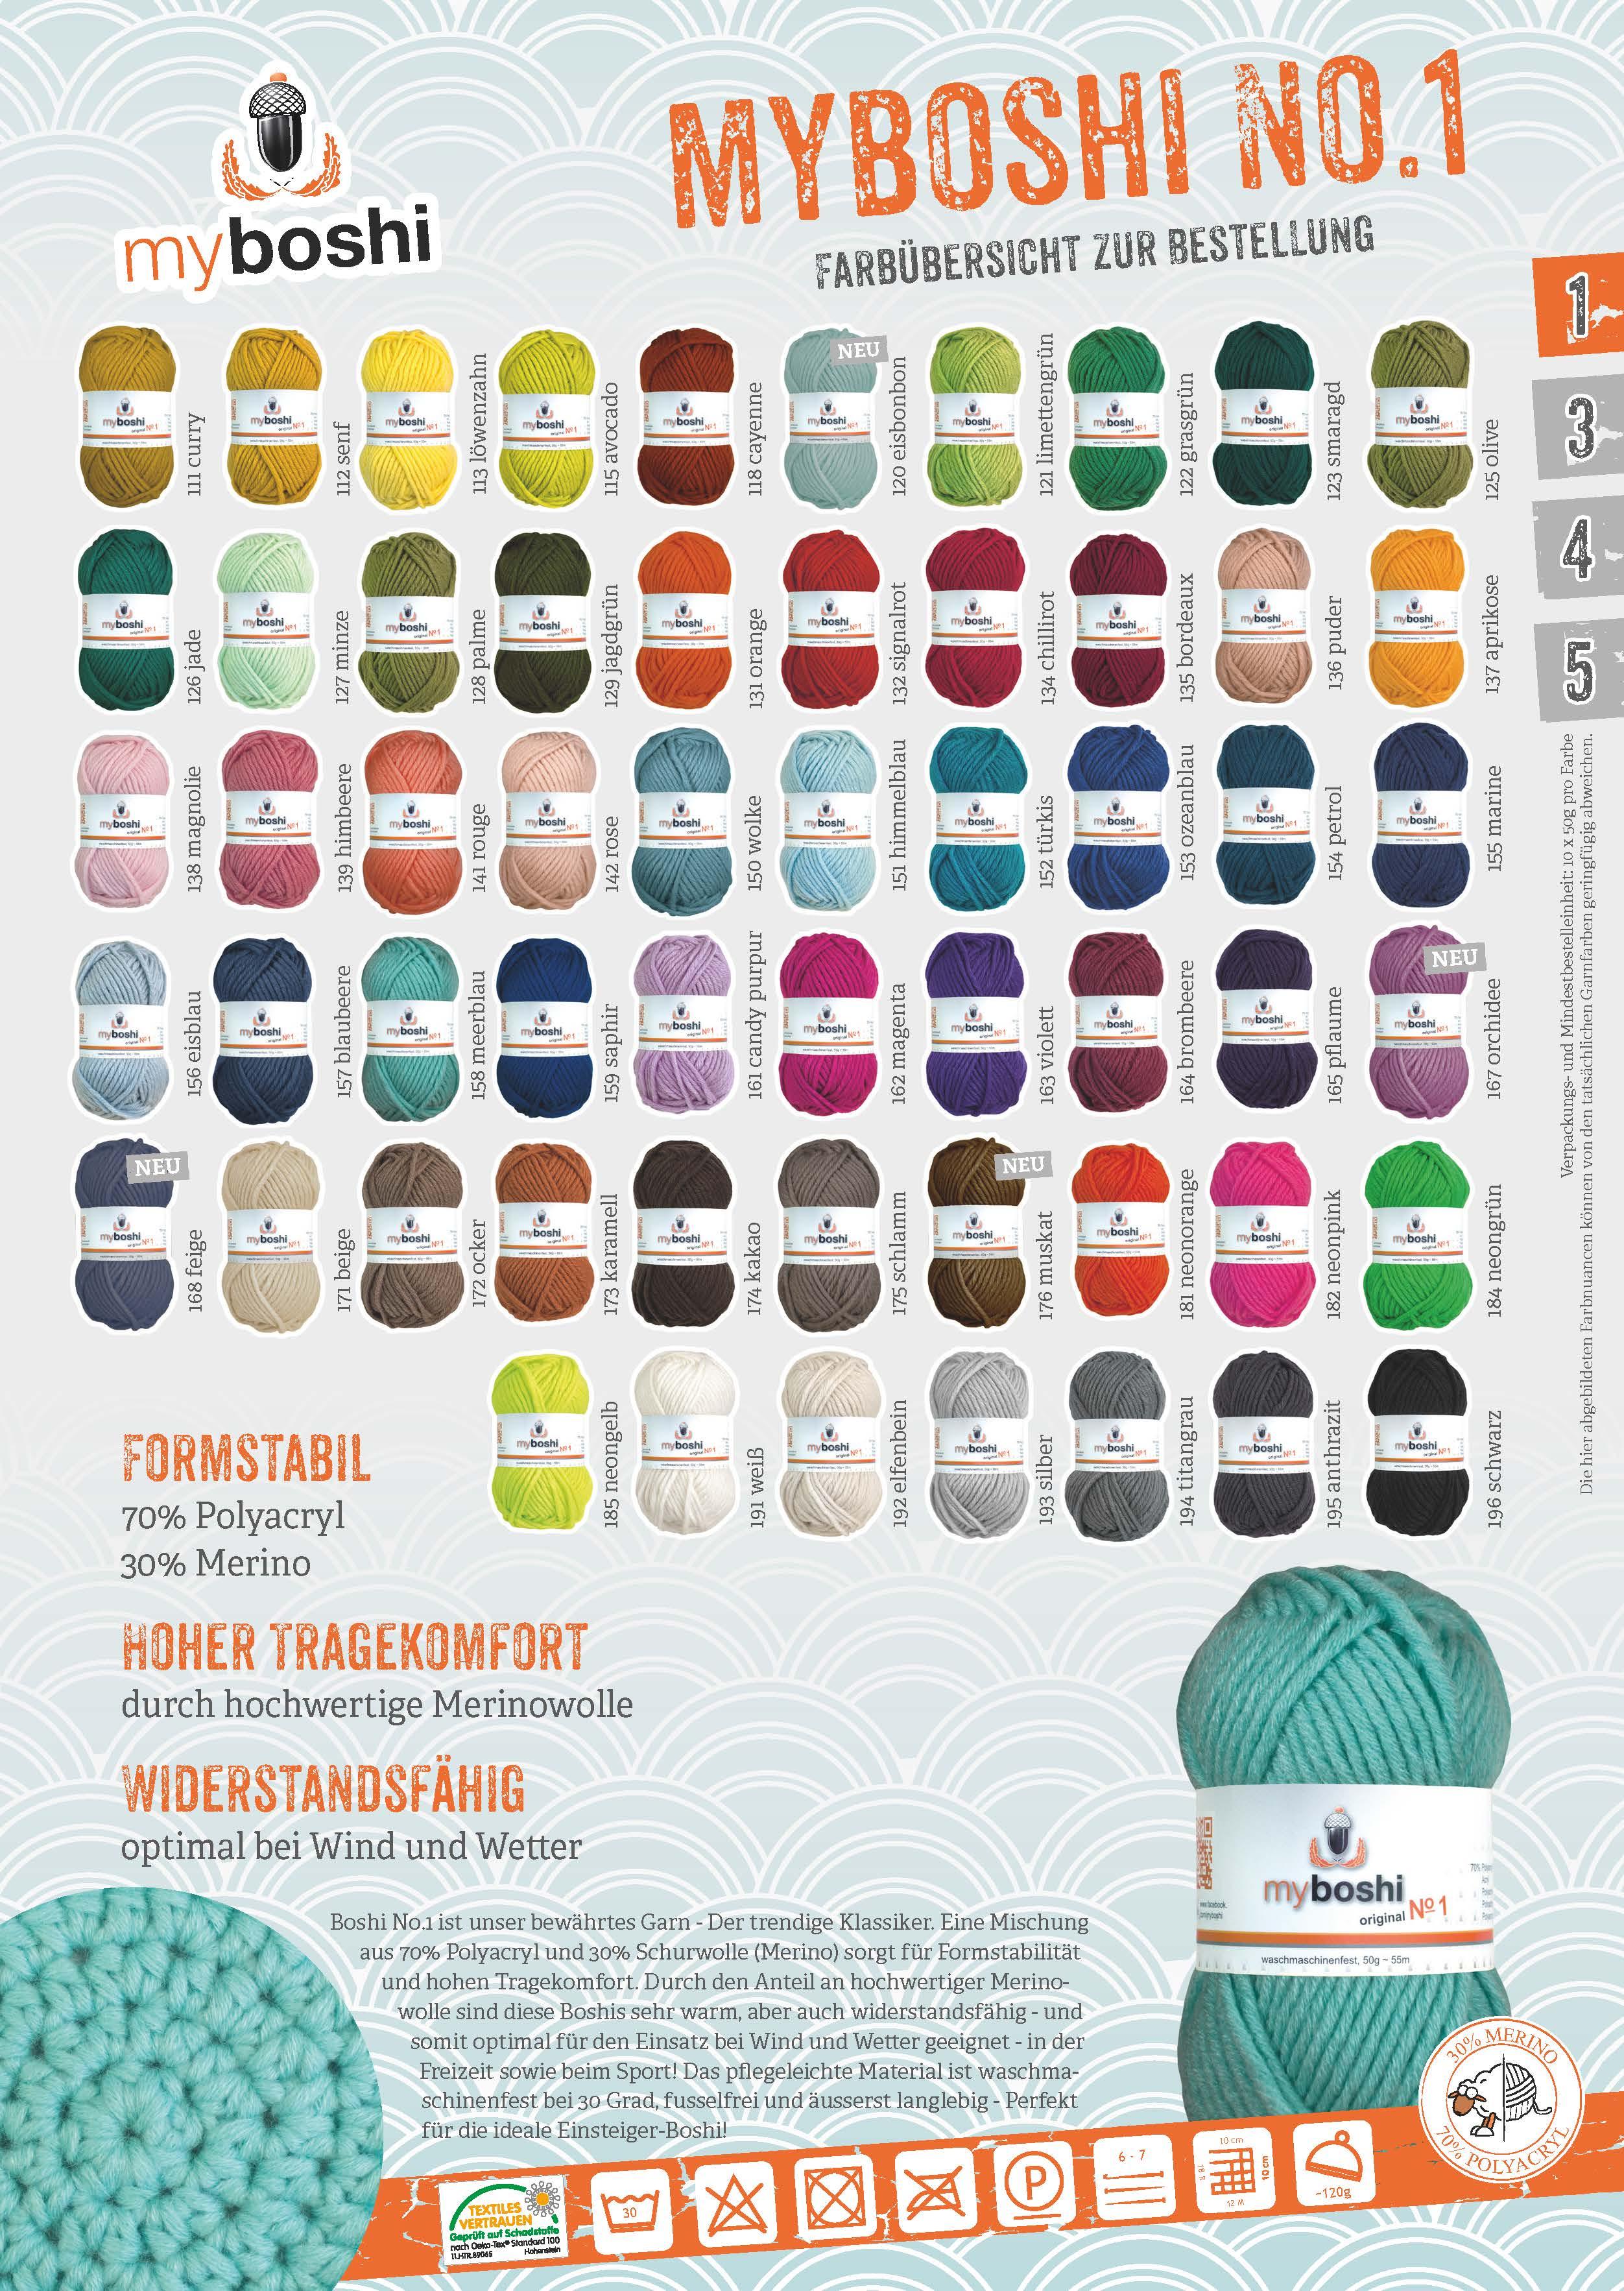 Großzügig Färbung Nummer 1 Bilder - Druckbare Malvorlagen - amaichi.info